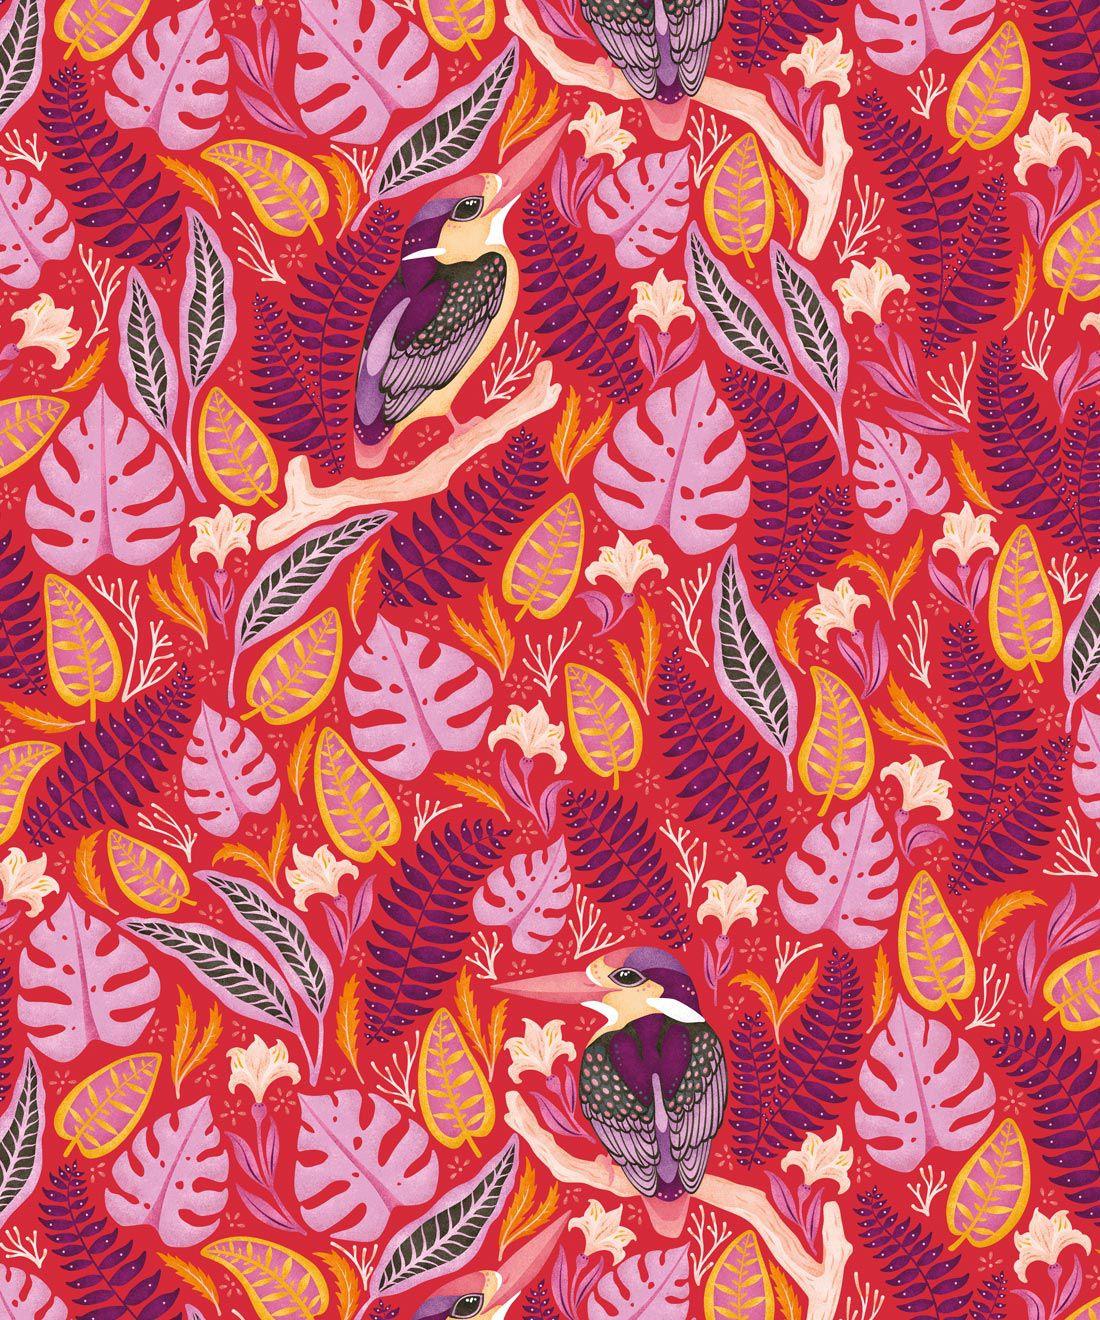 Kingfisher Wallpaper • Bird Wallpaper • Red Wallpaper